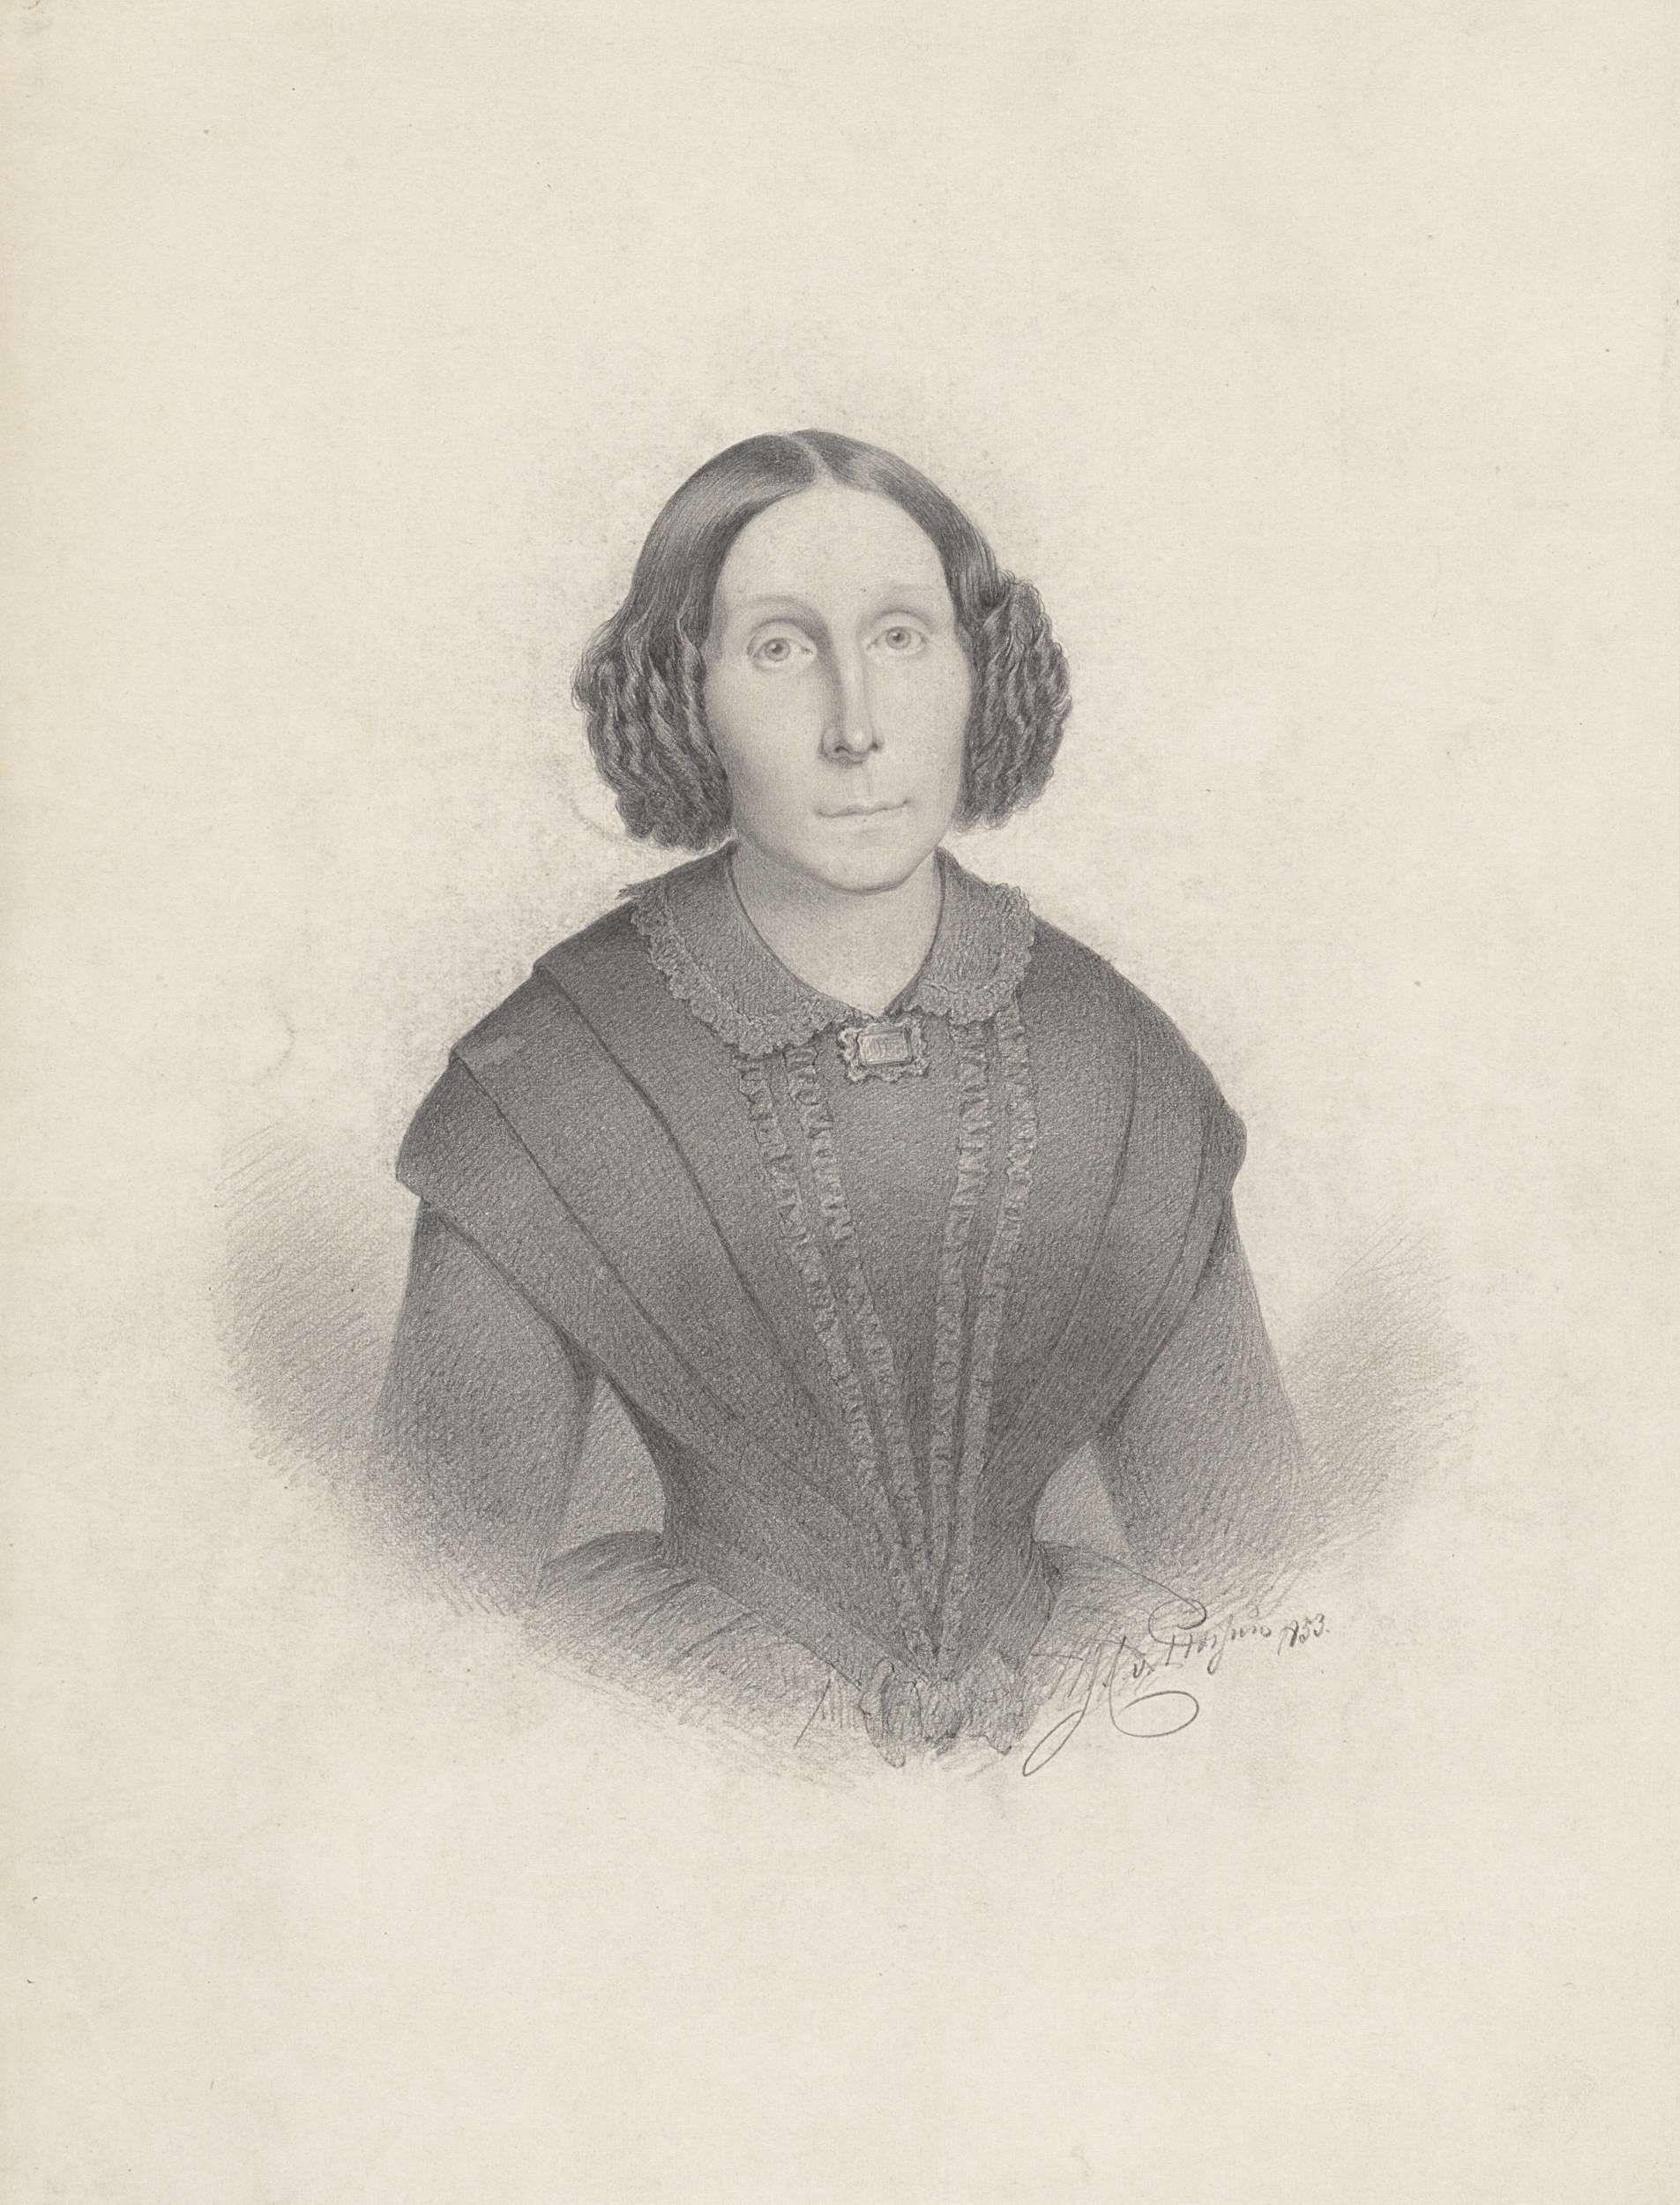 Jan Cornelis van Rossum | Portret van een vrouw, van voren, Jan Cornelis van Rossum, 1853 |